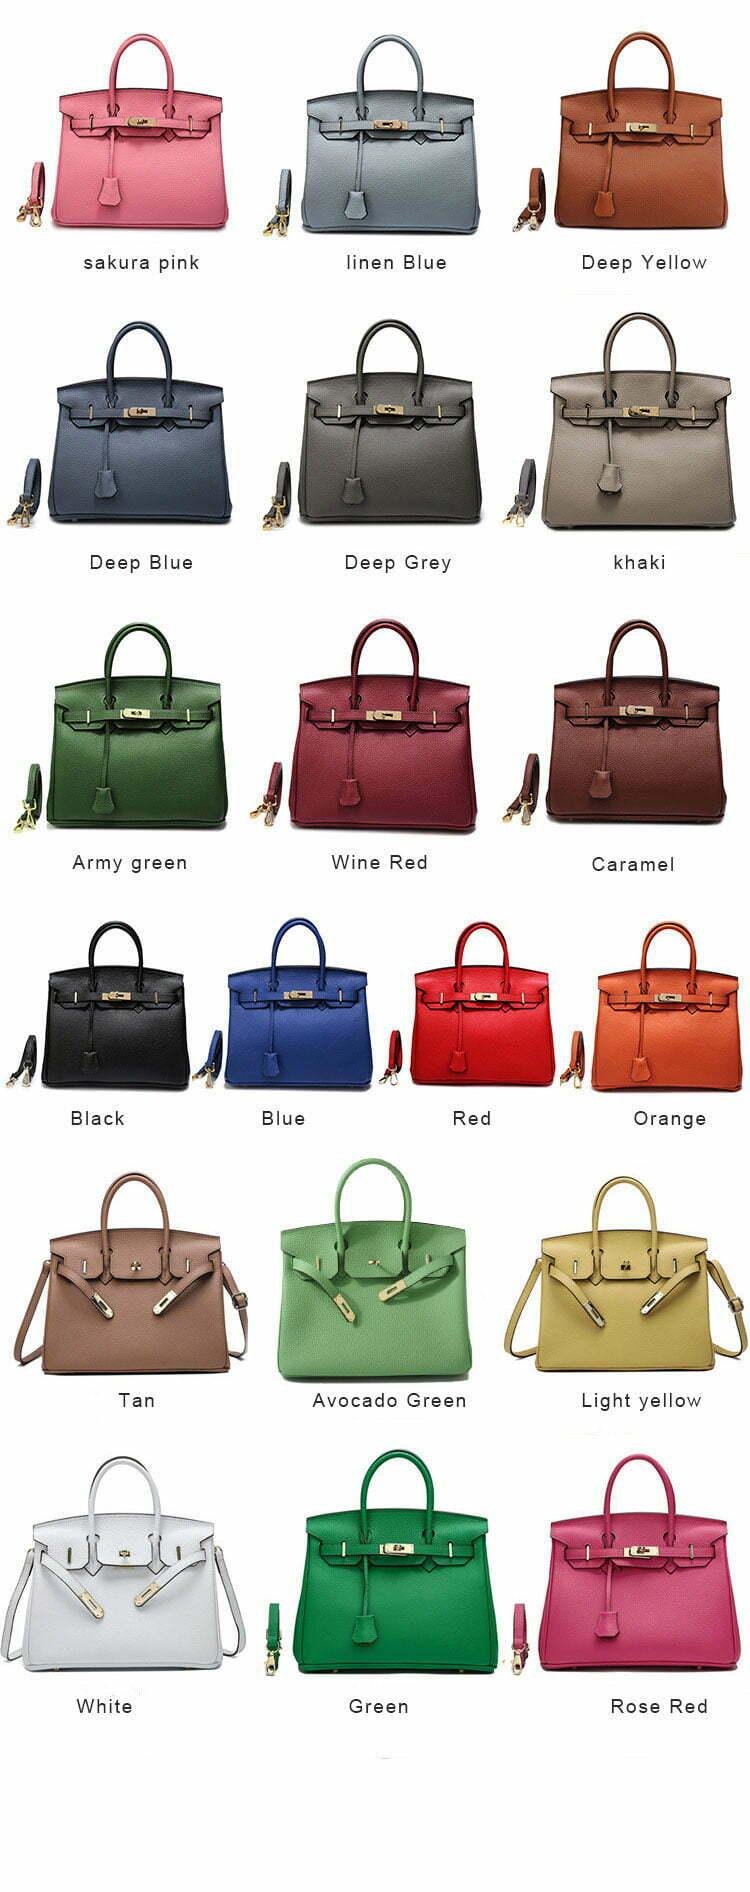 Birkin handbag color collection